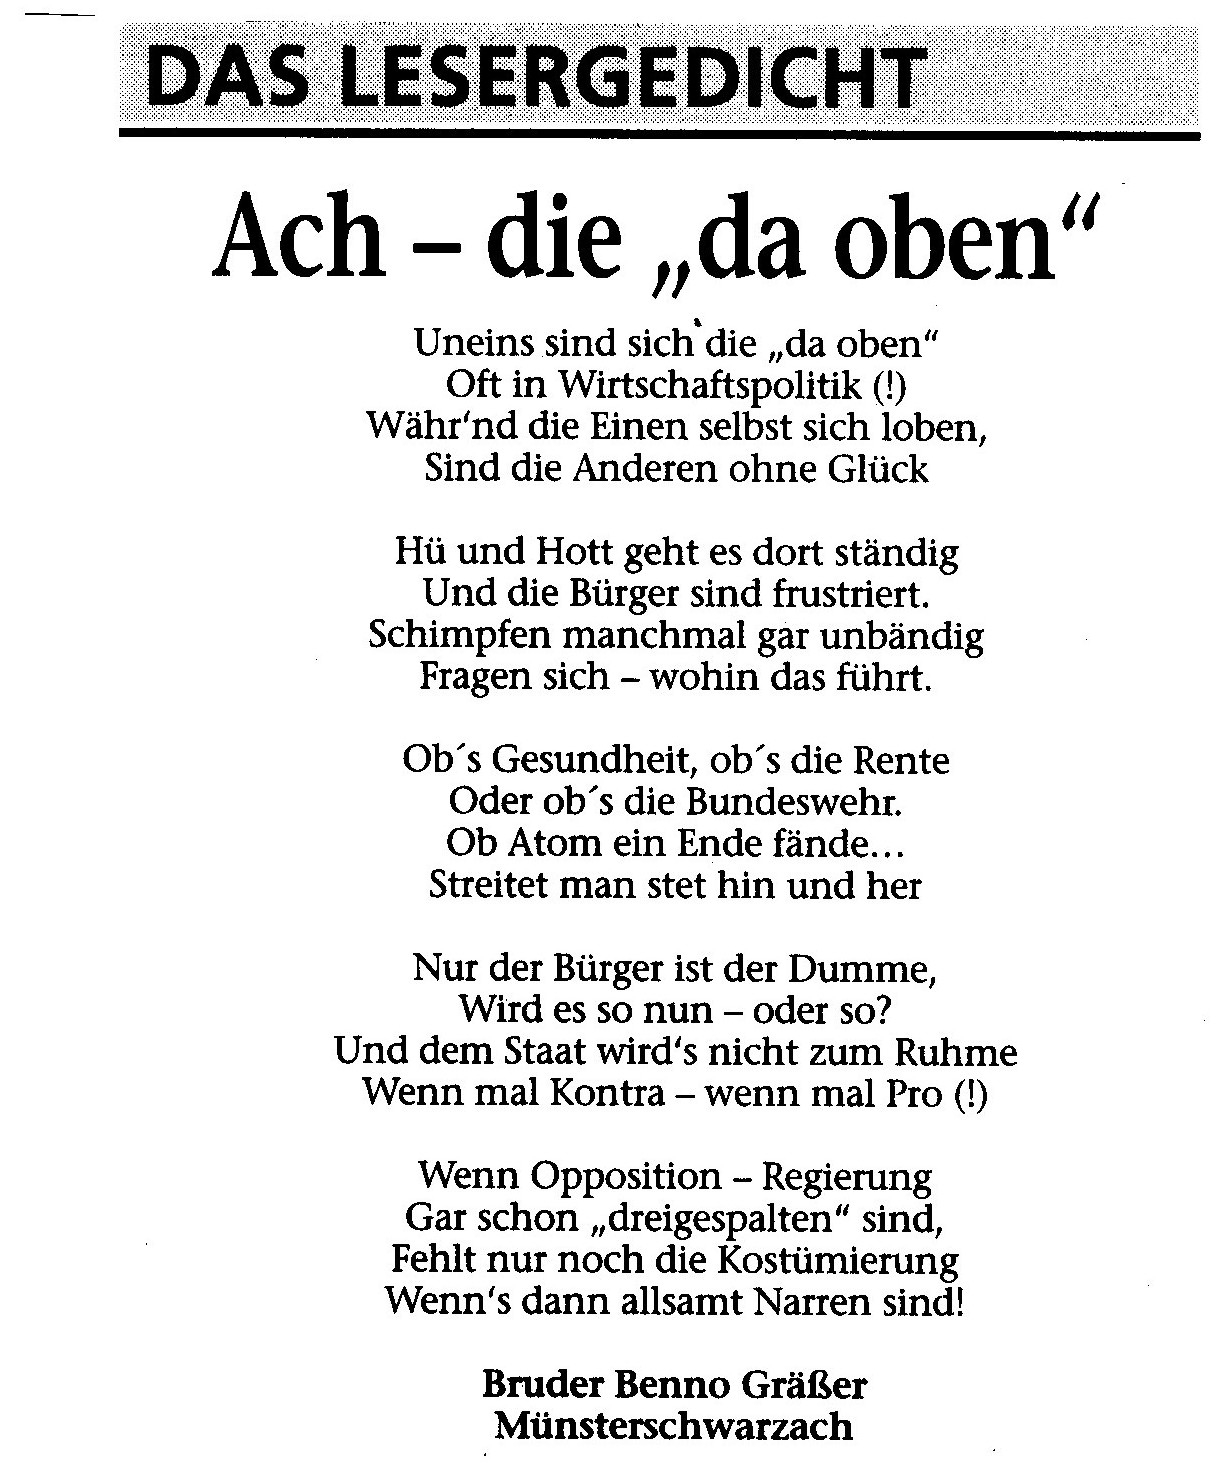 Gedichte Zum Ruhestand Kostenlos Abschiedsgeschenk Für Lehrer